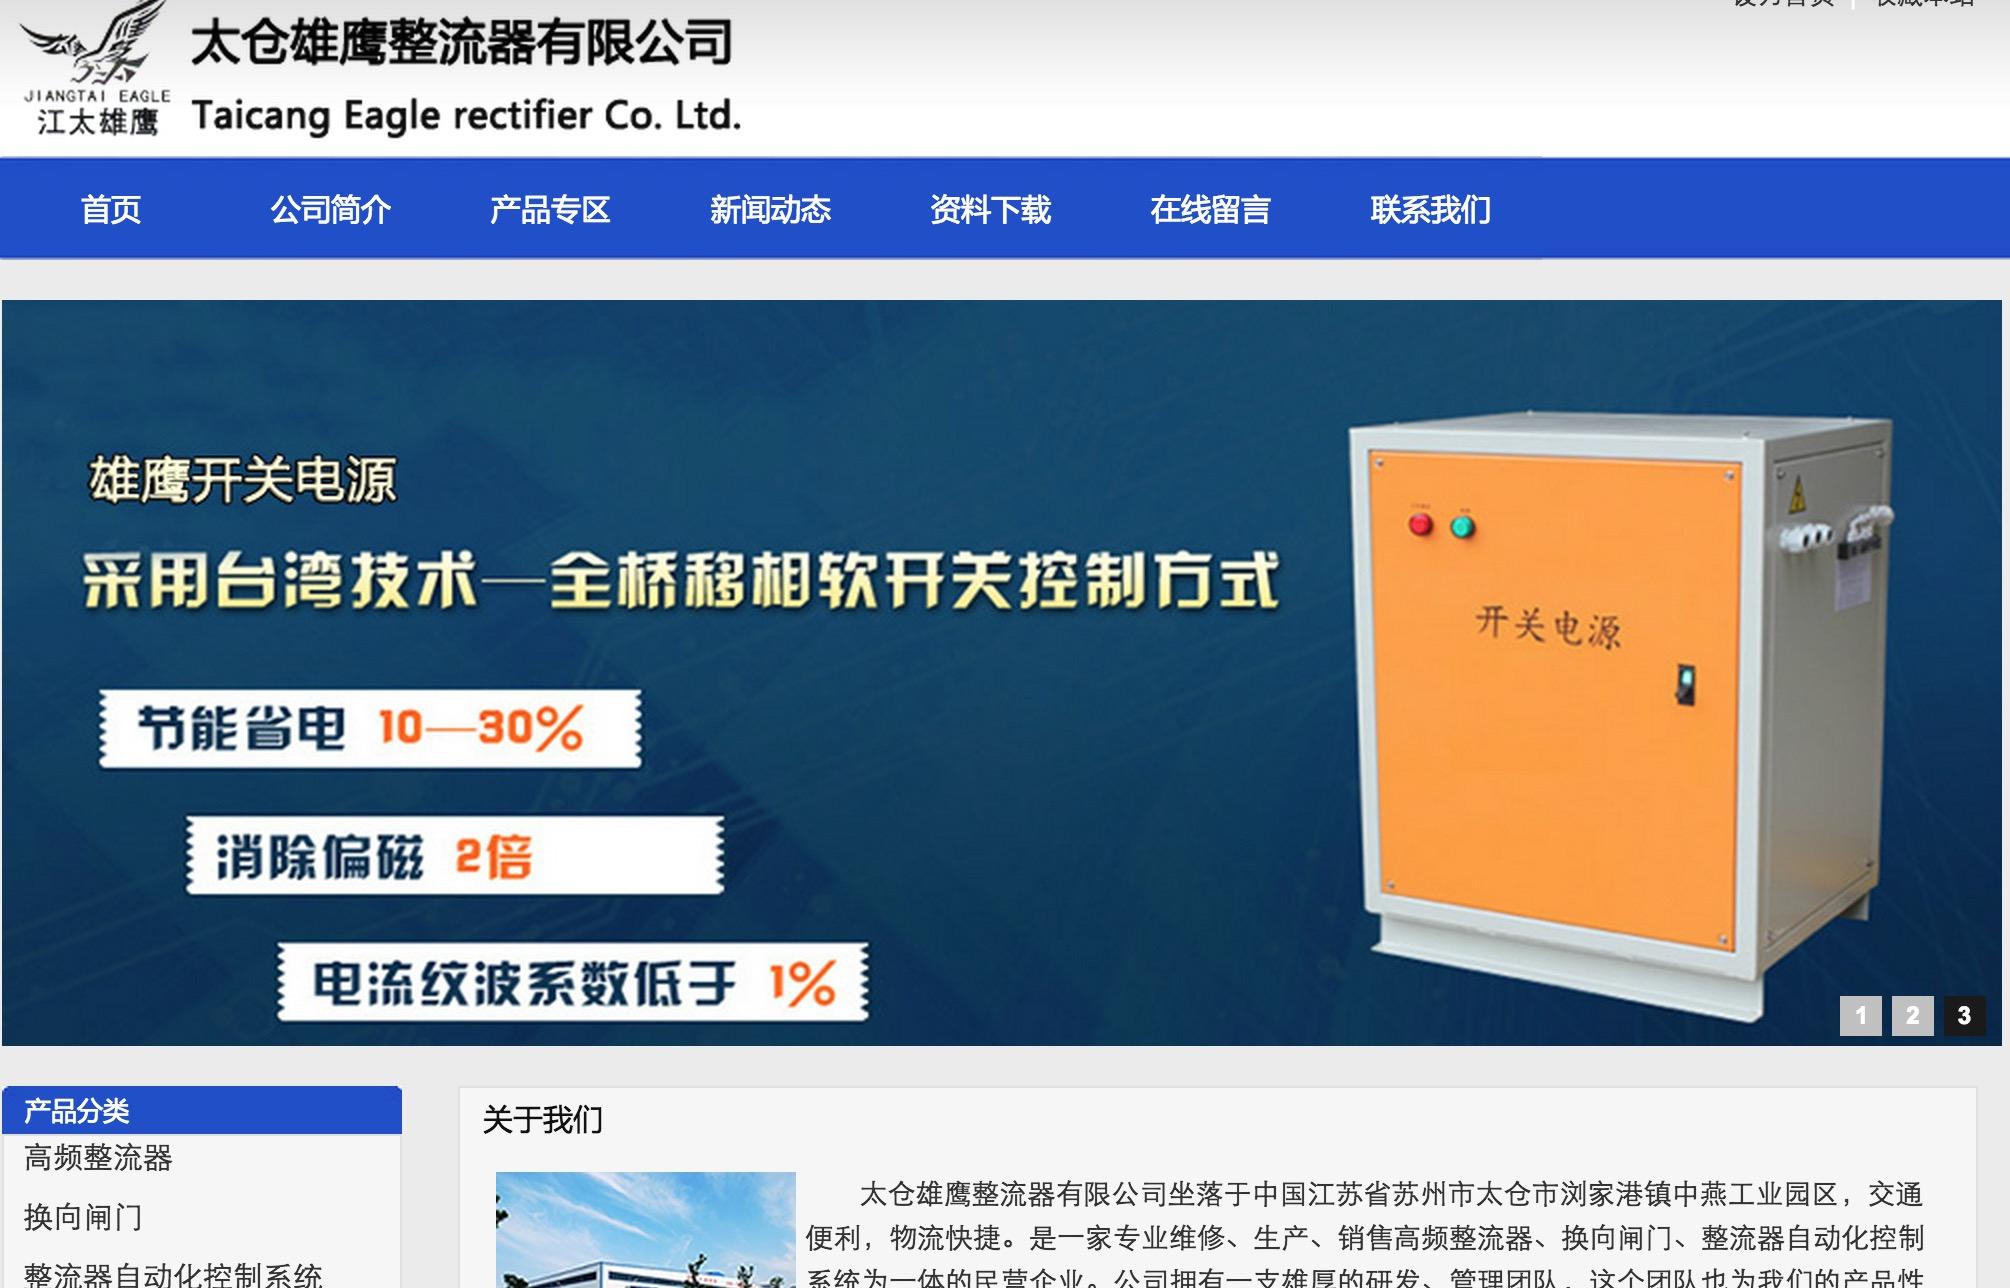 高频整流器厂家签约富海360建网站和网络推广服务